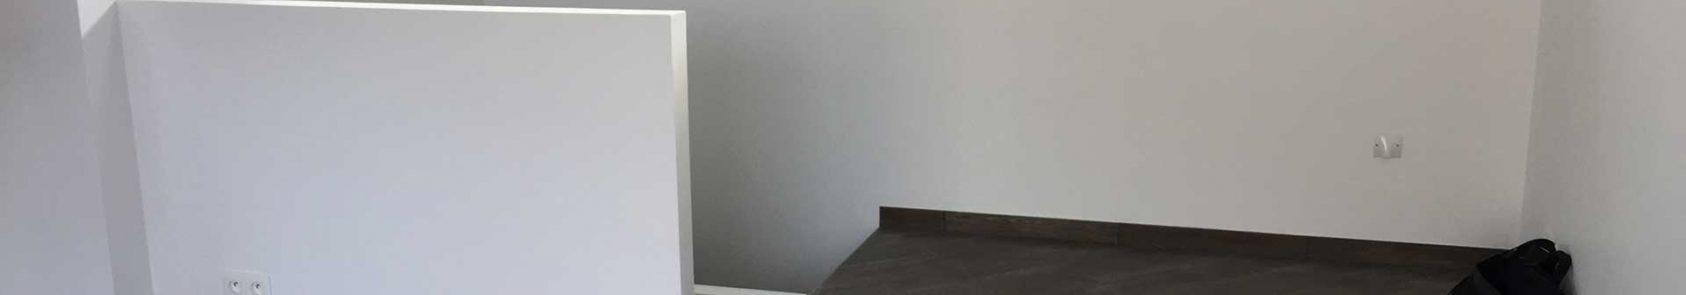 travaux de second uvre dans les hauts de seine et dans les yvelines. Black Bedroom Furniture Sets. Home Design Ideas